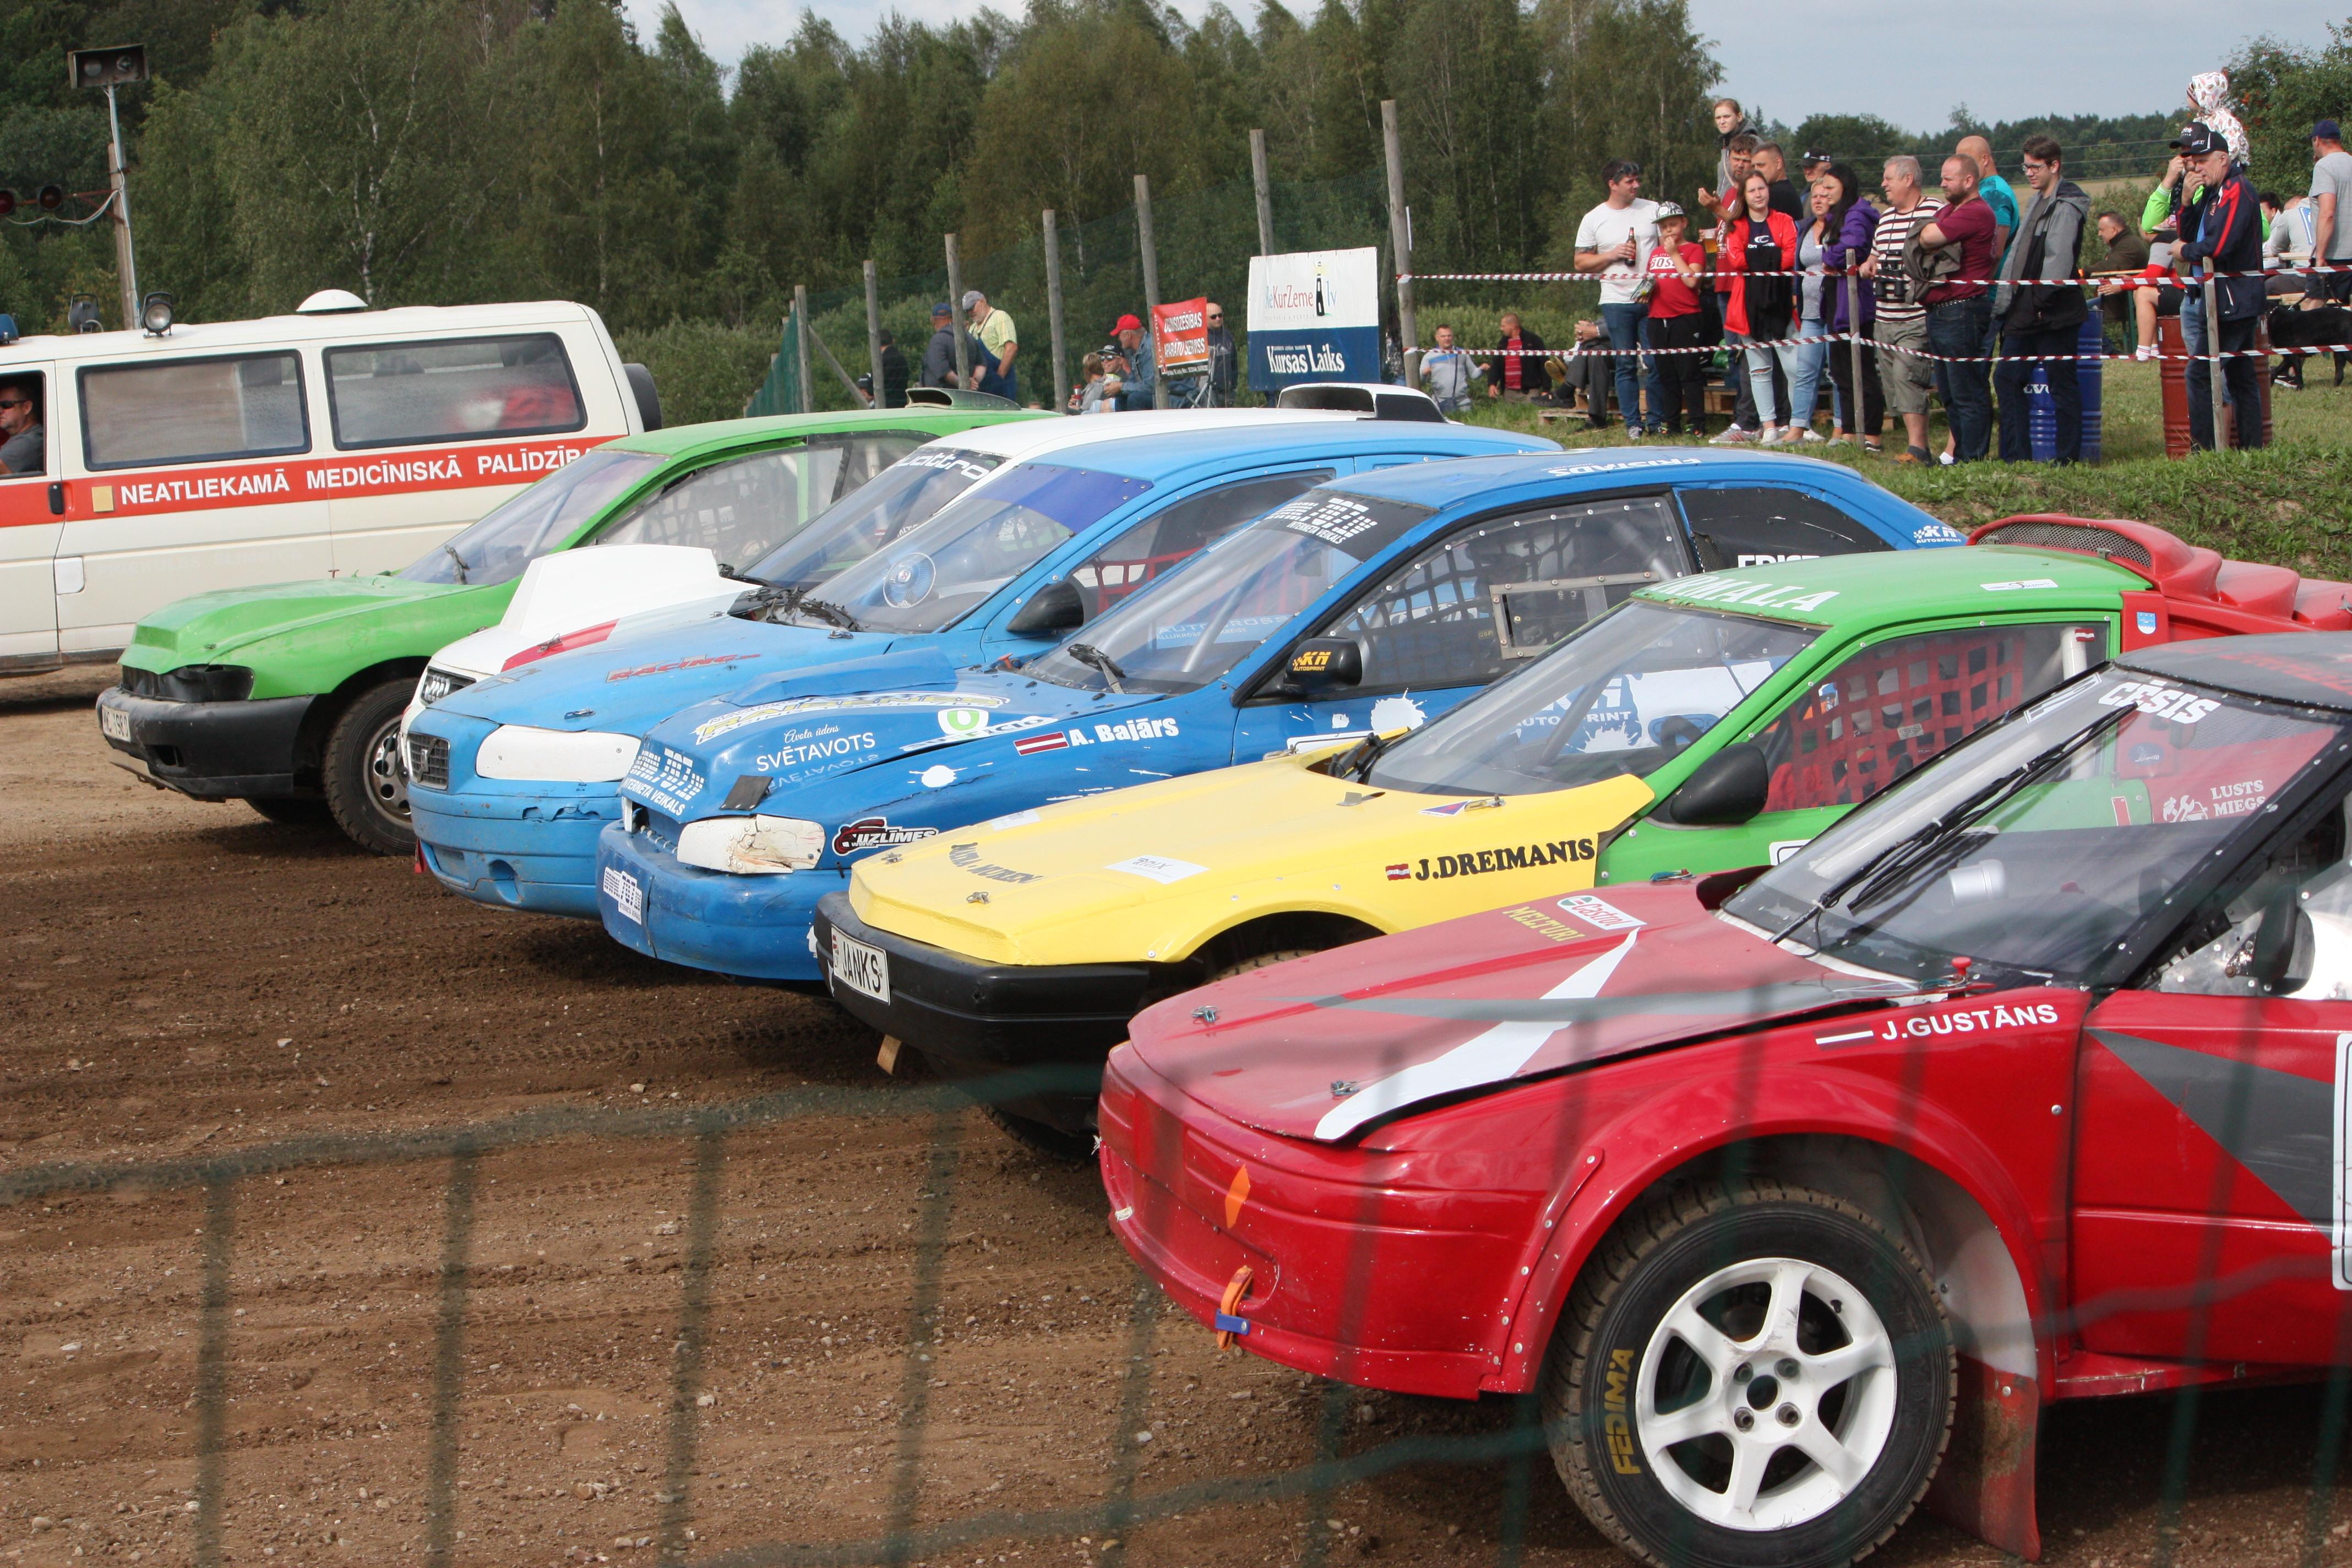 Autokross: Nākamajam Latvijas čempionāta posmam sastāvs noskaidrots